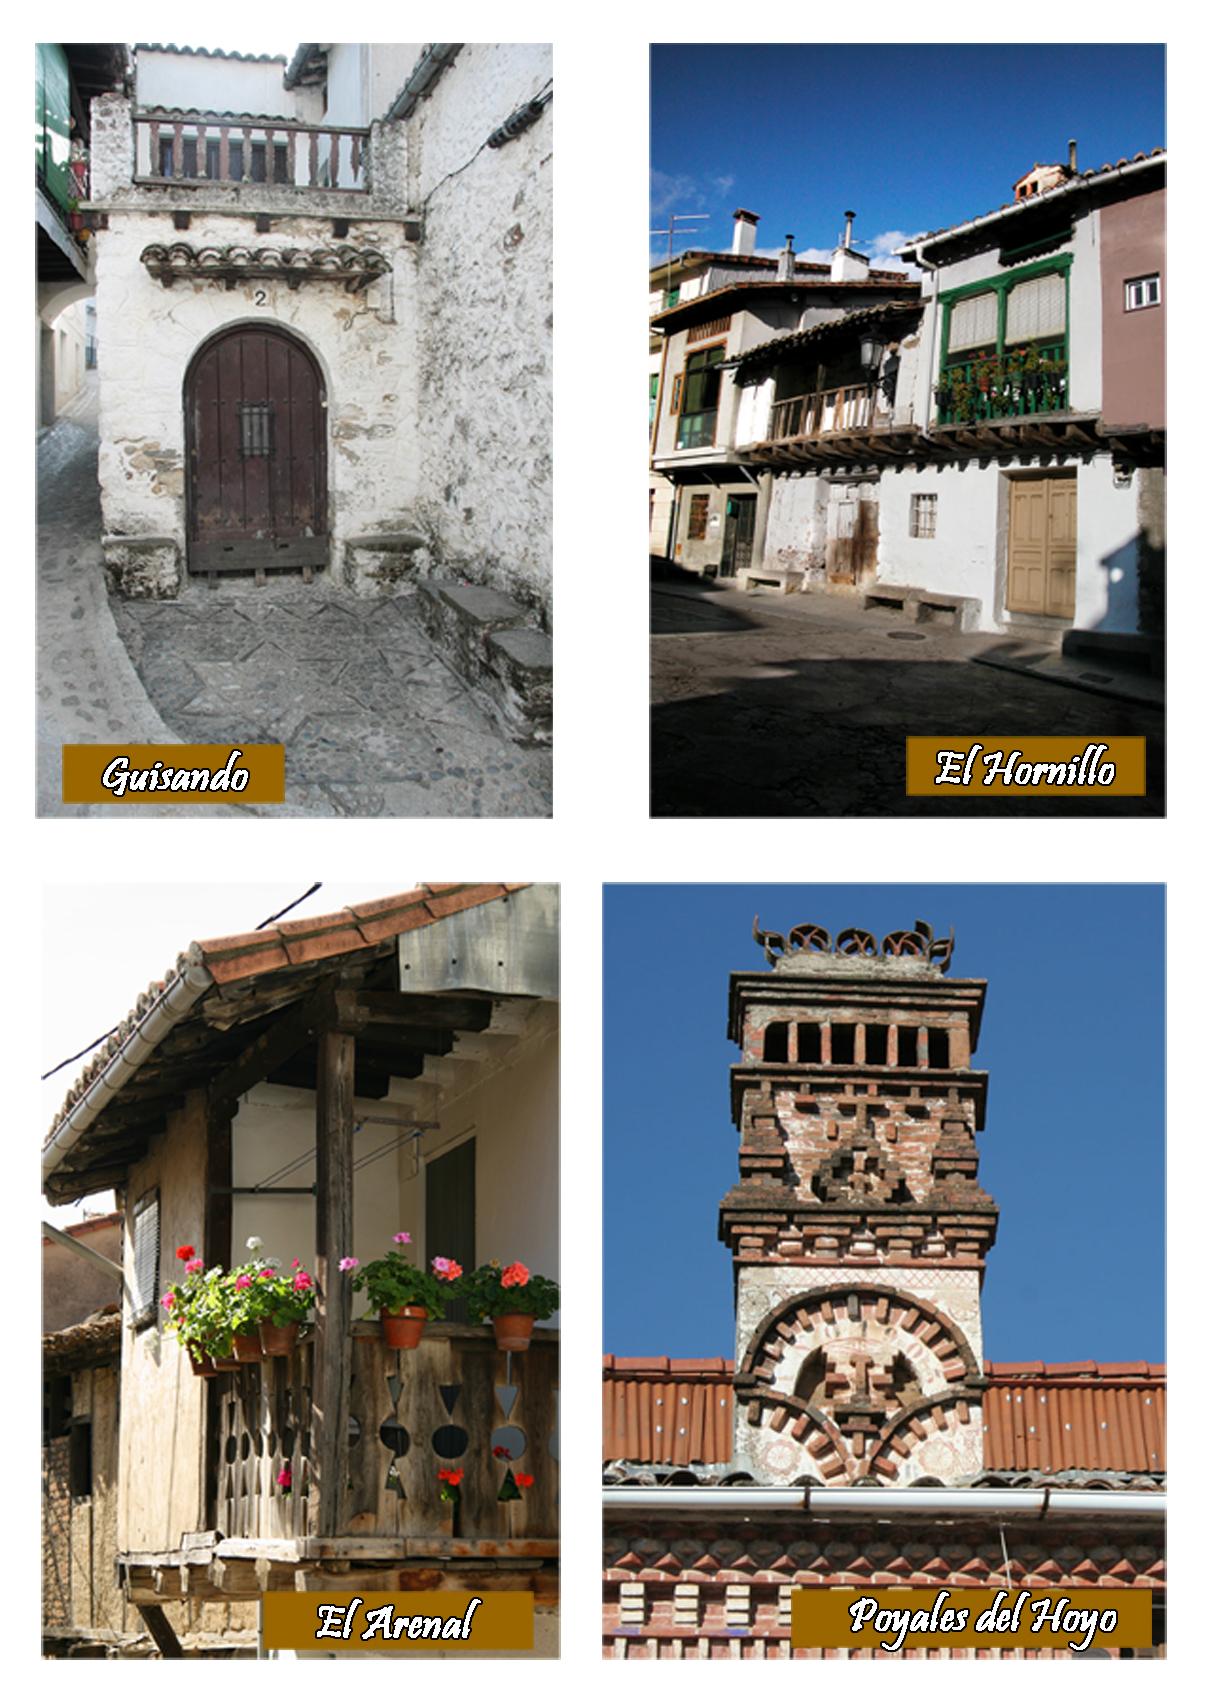 Guisando, El Hornillo, El Arenal y Poyales del Hoyo